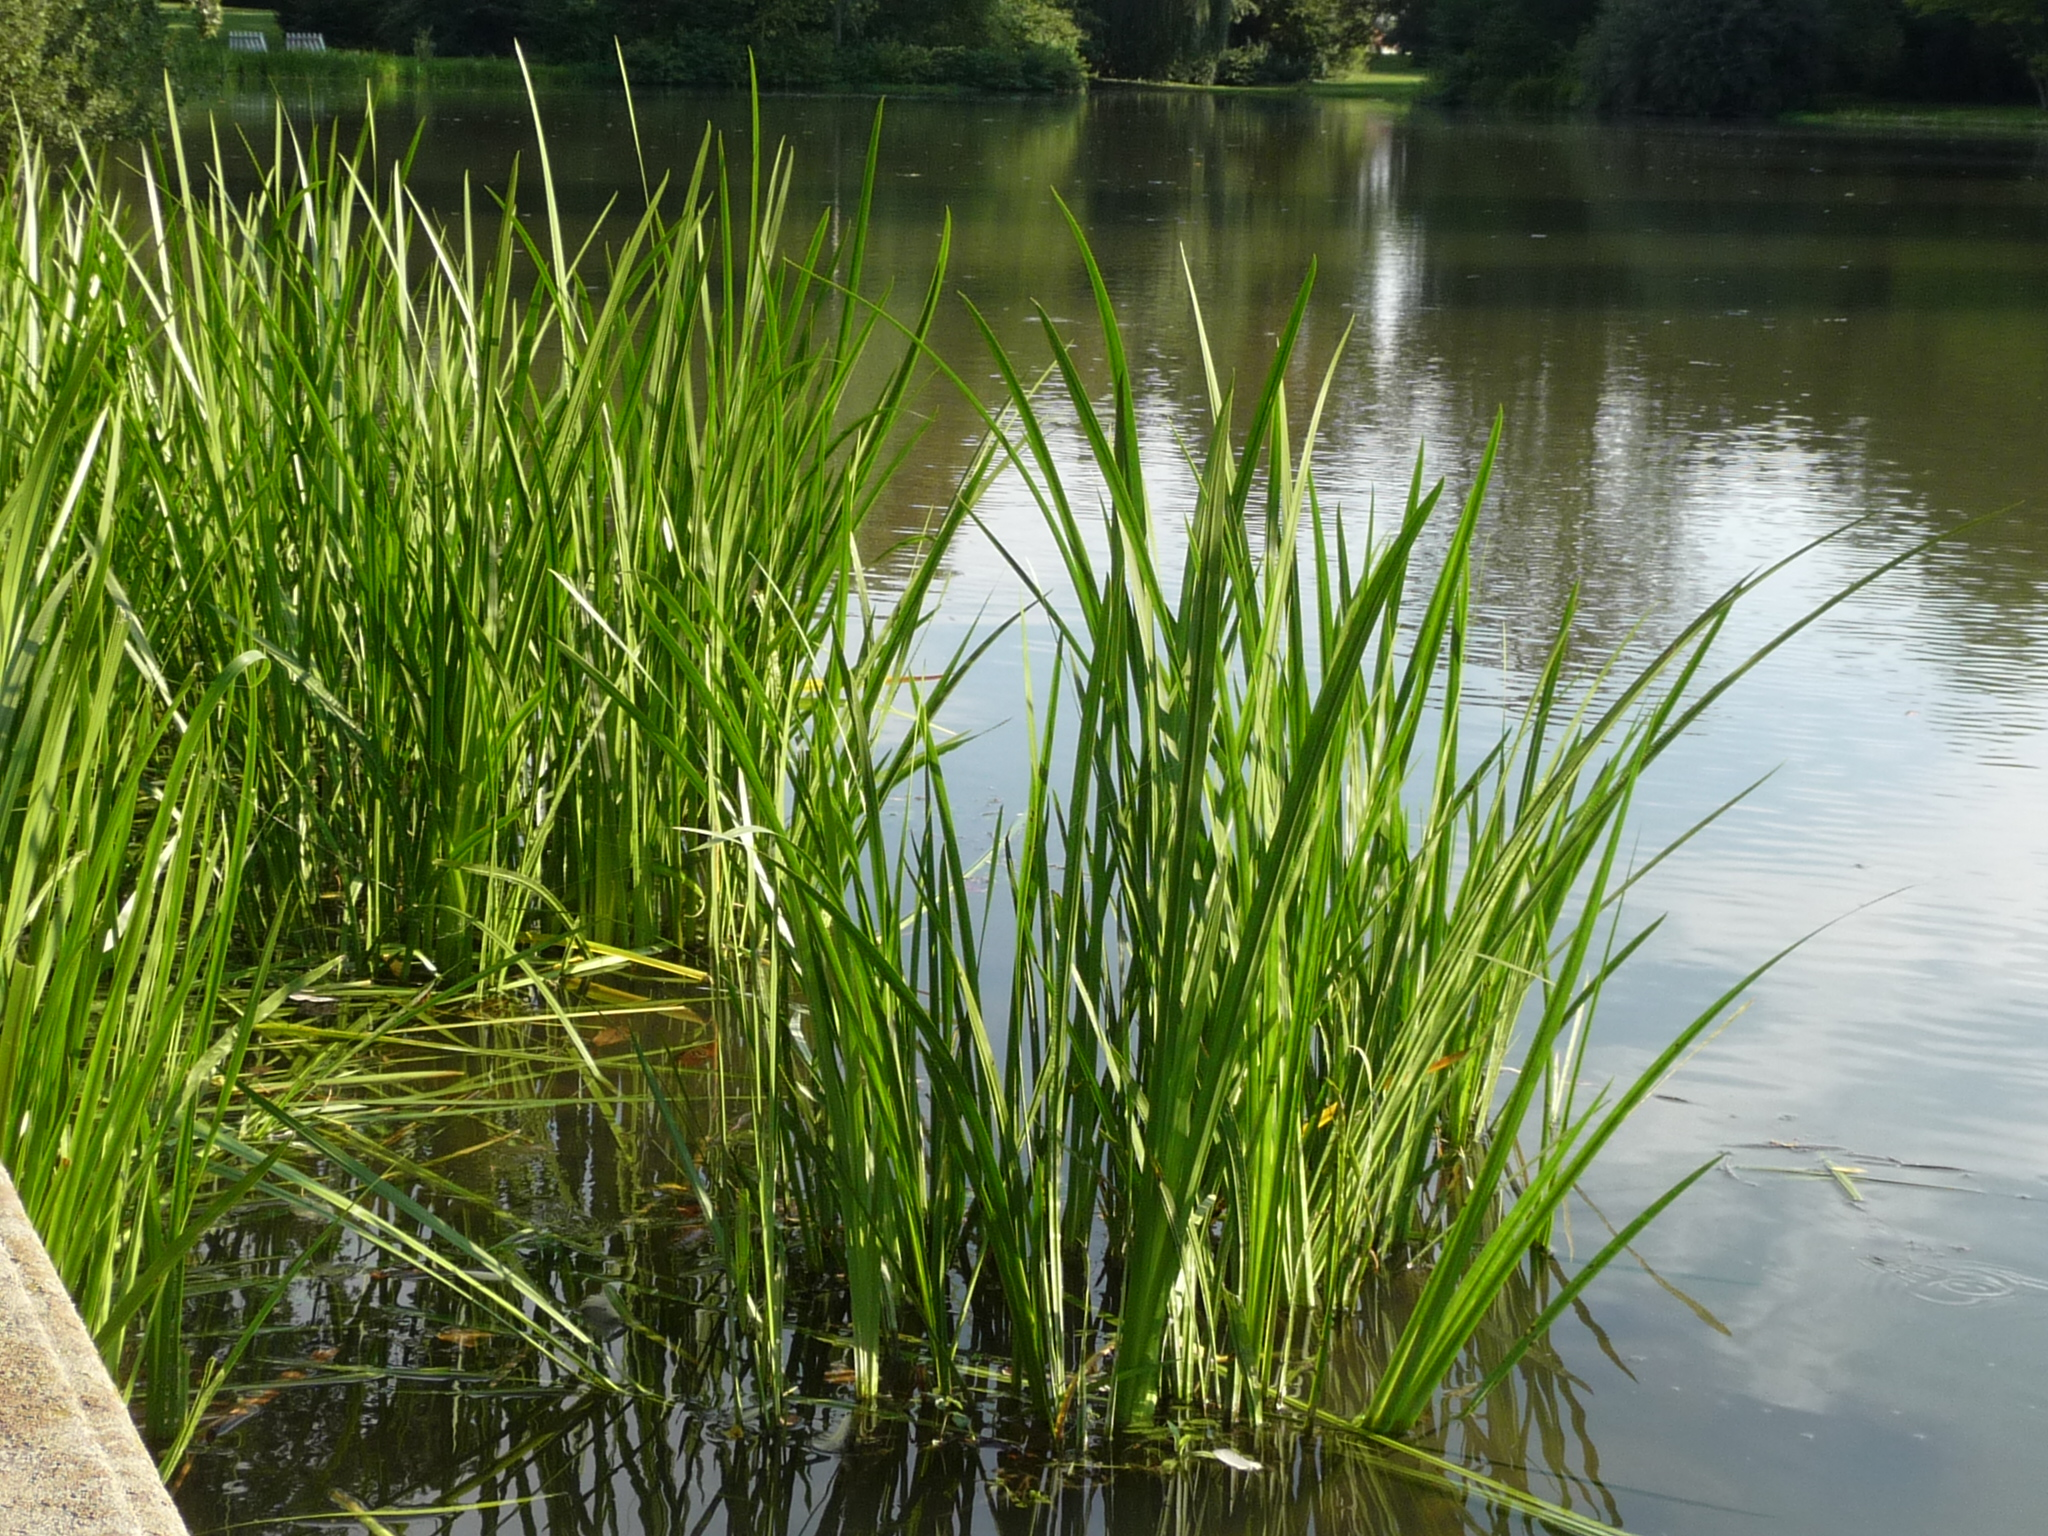 что аир болотный обыкновенный фото клубники мешках осуществляется